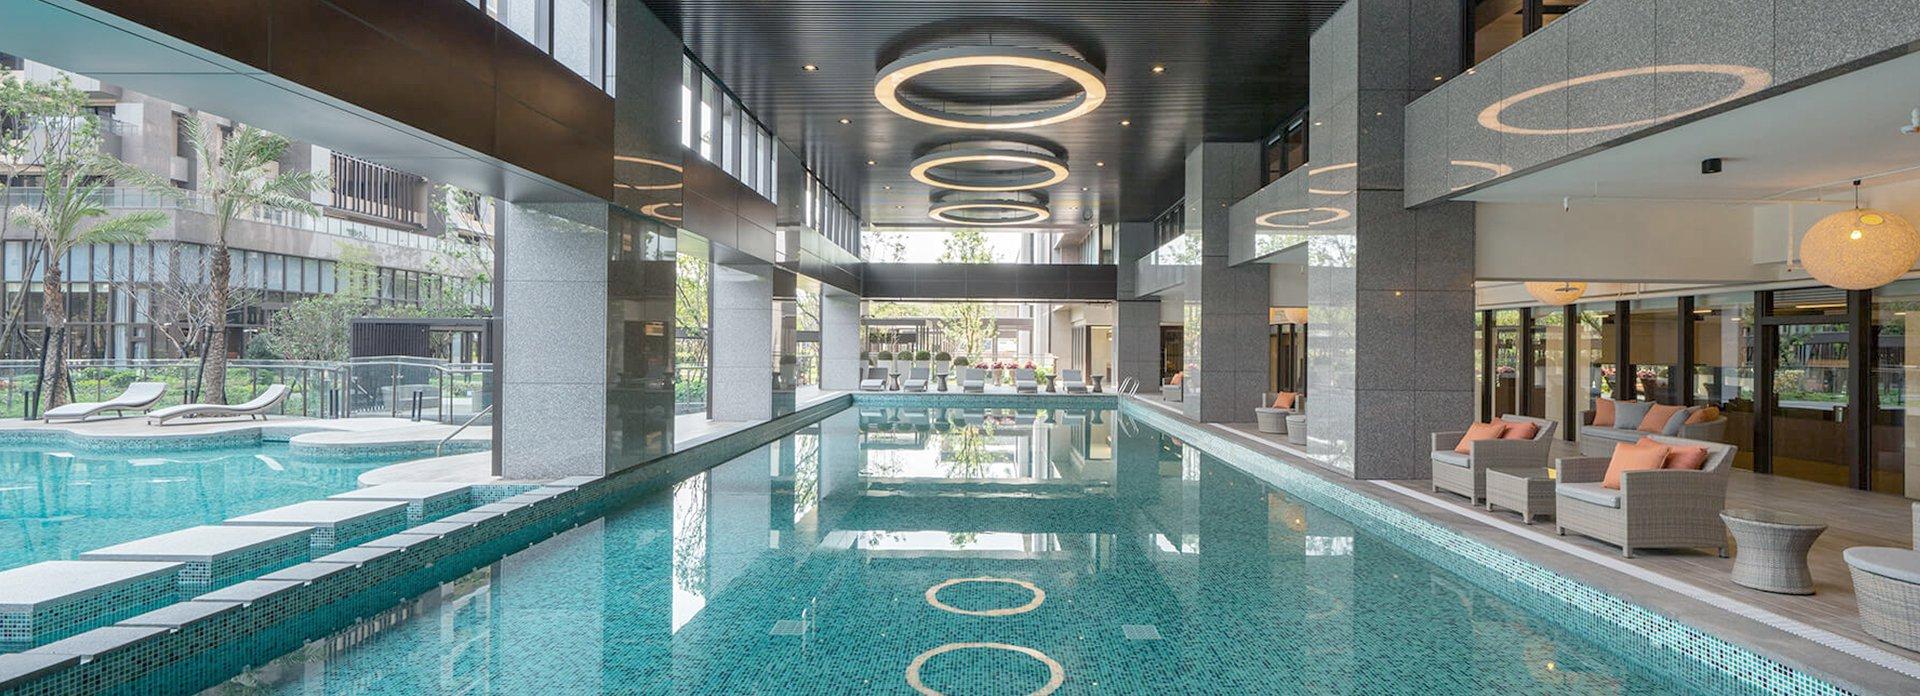 4300坪壯闊基地 陽光泳池